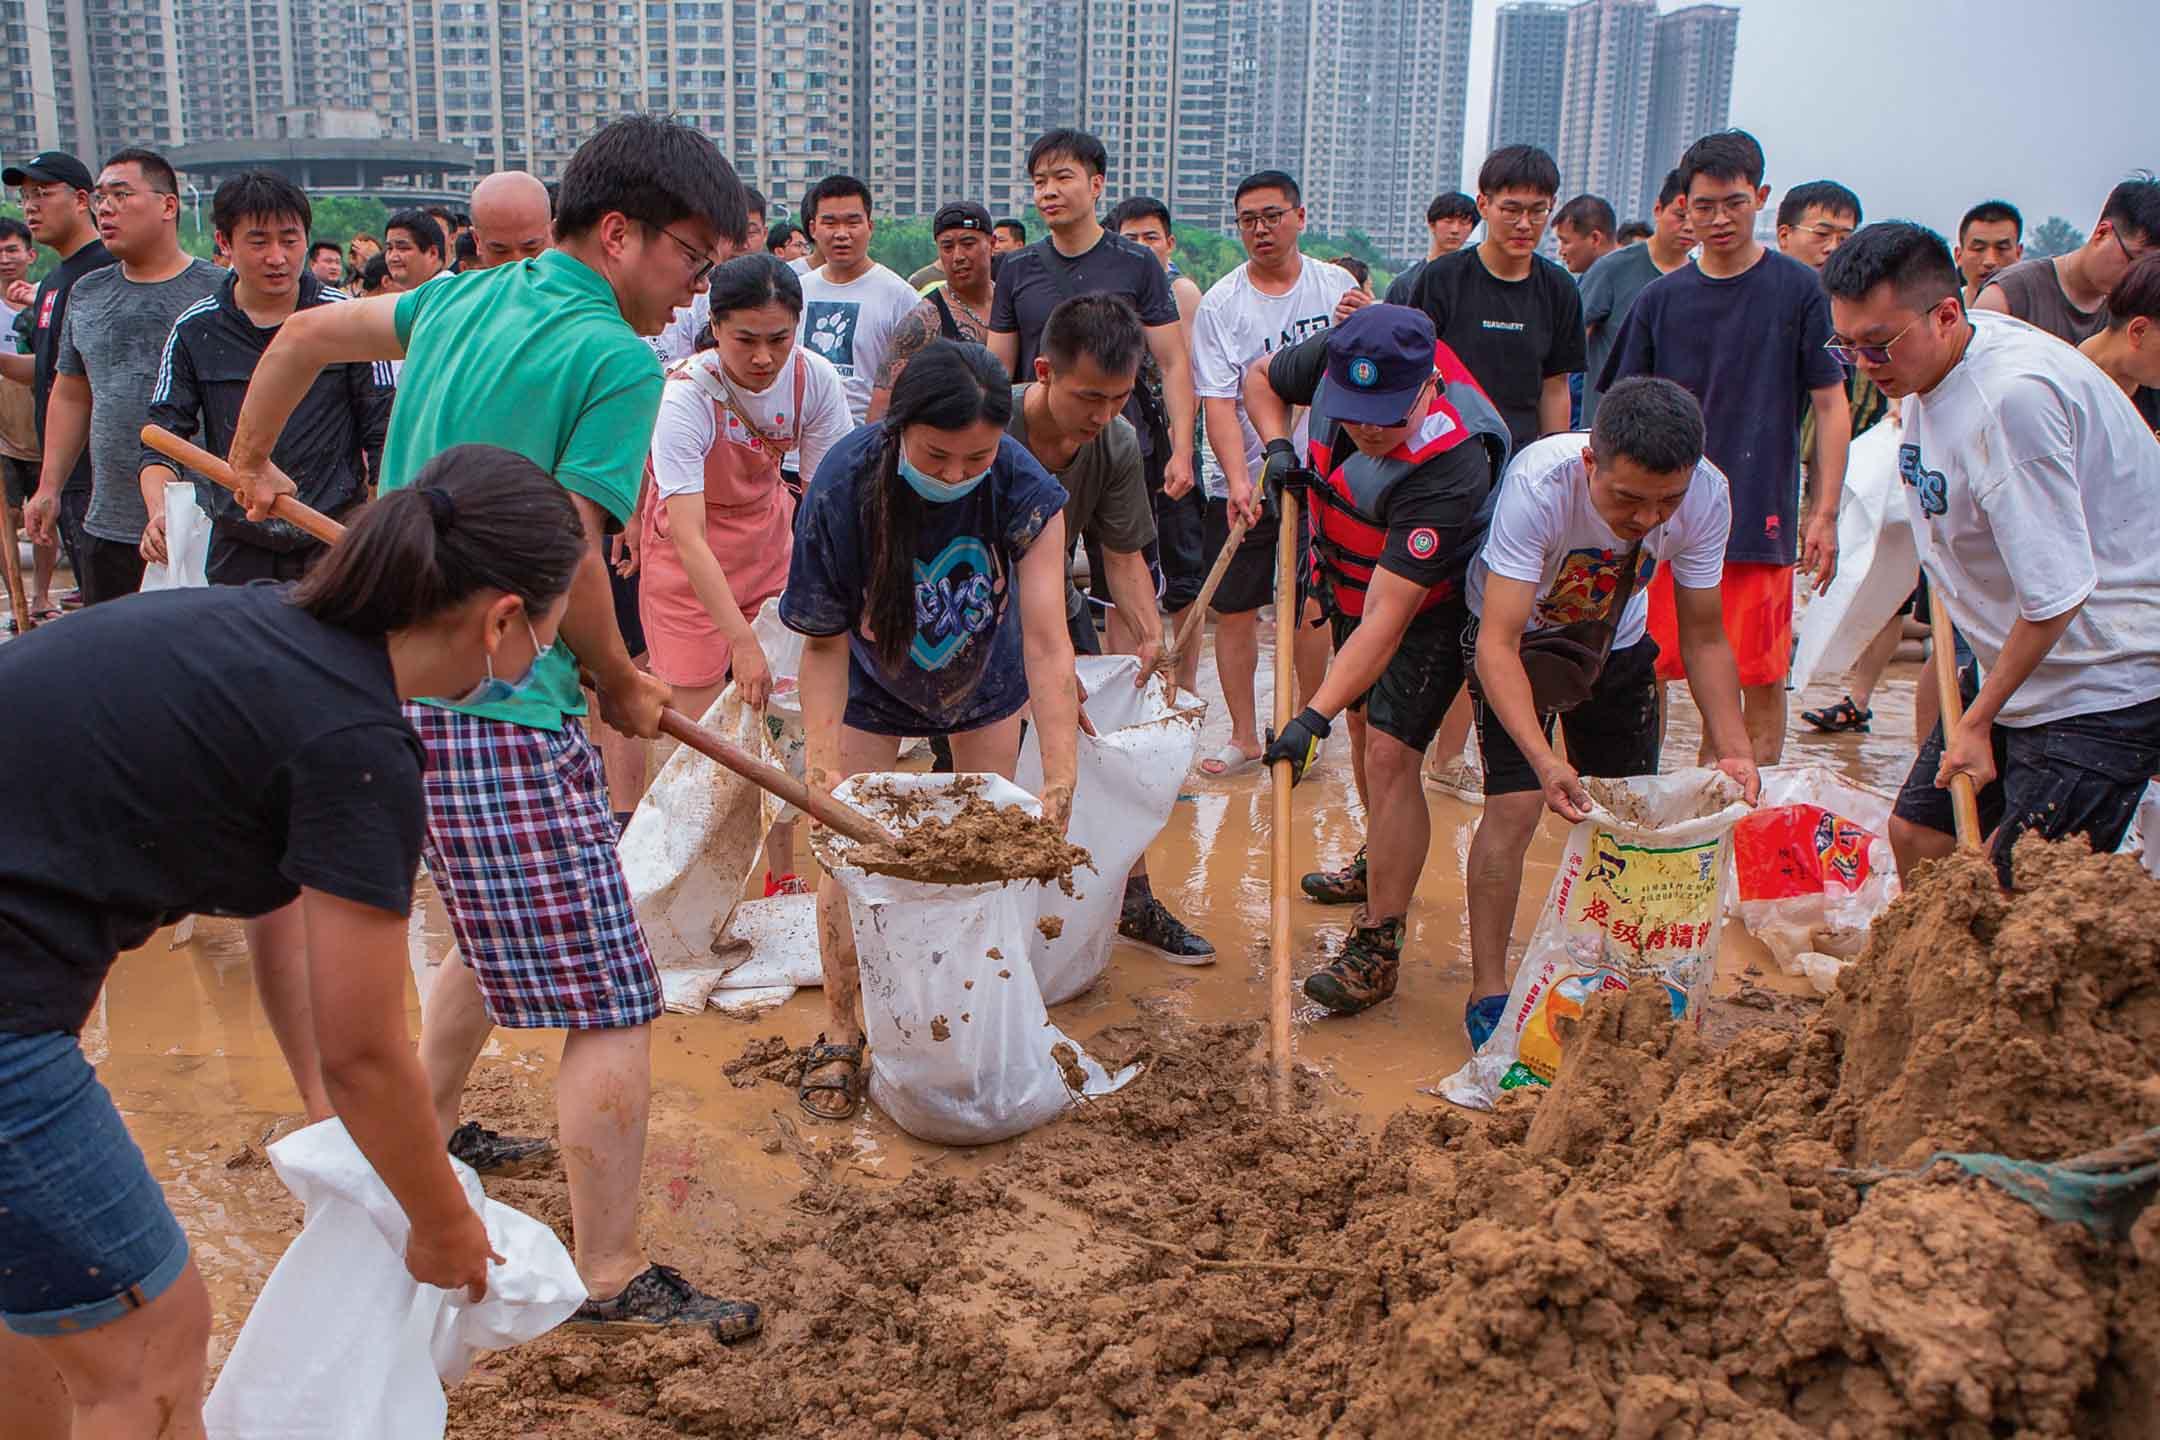 2021年7月23日中國新鄉,救援隊和居民使用沙袋建造圍堰,防止暴雨後的洪水。